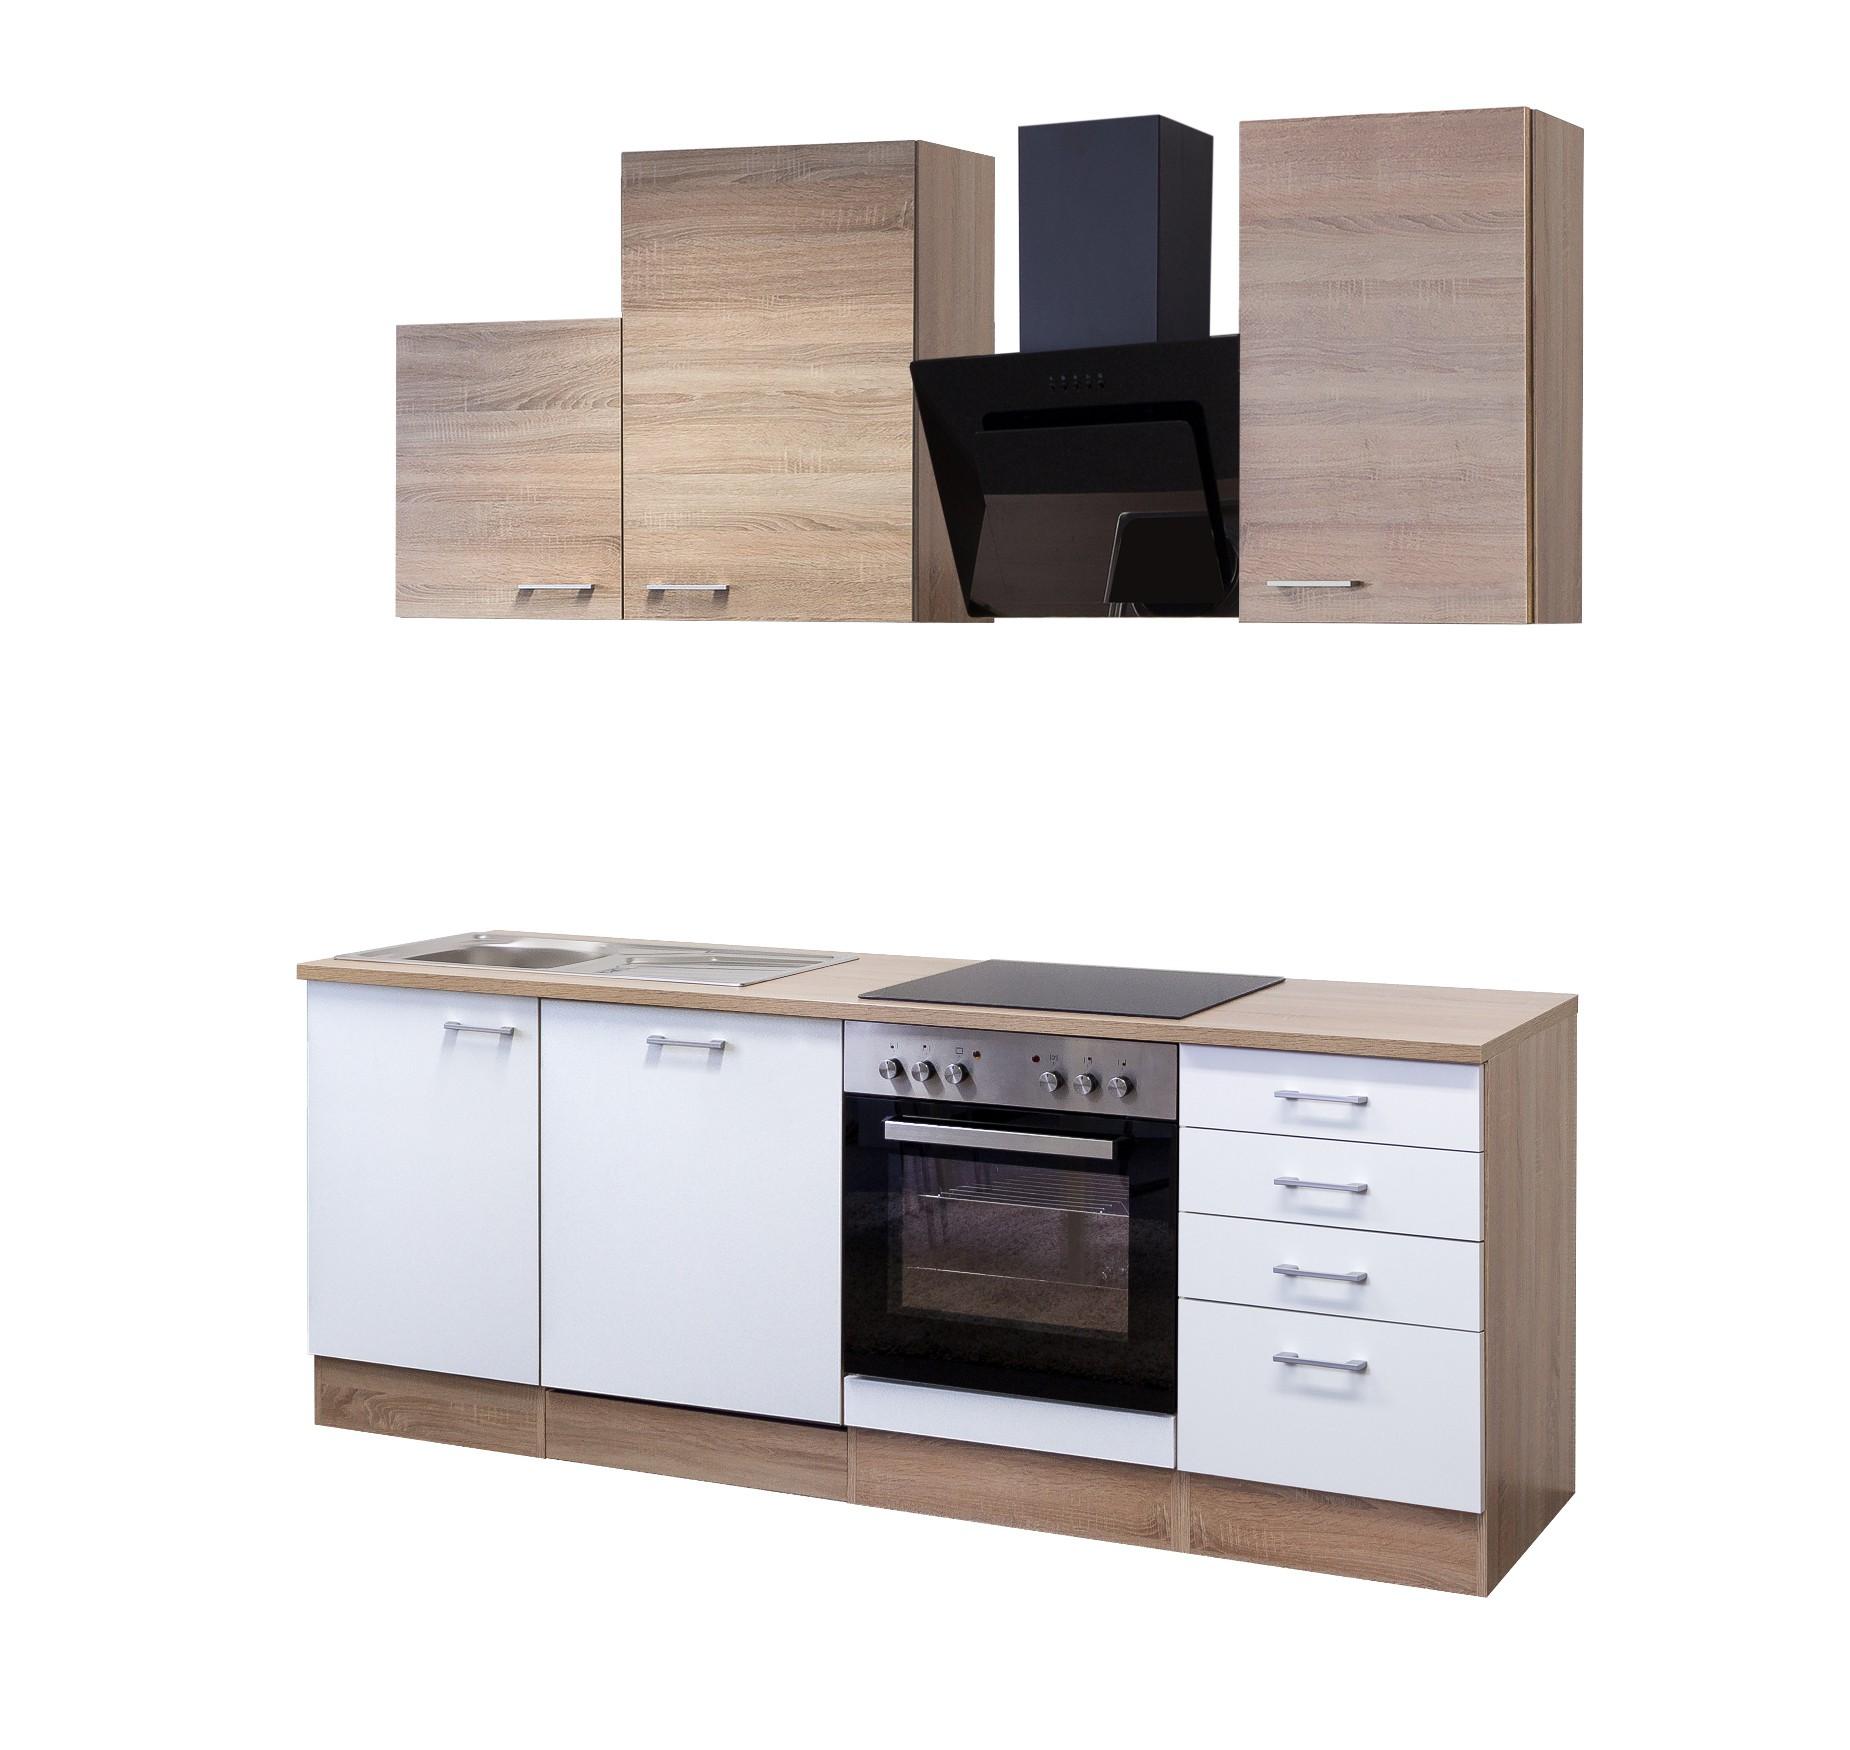 Kuchenzeile rom kuche mit auszugs unterschrank breite for Küche unterschrank